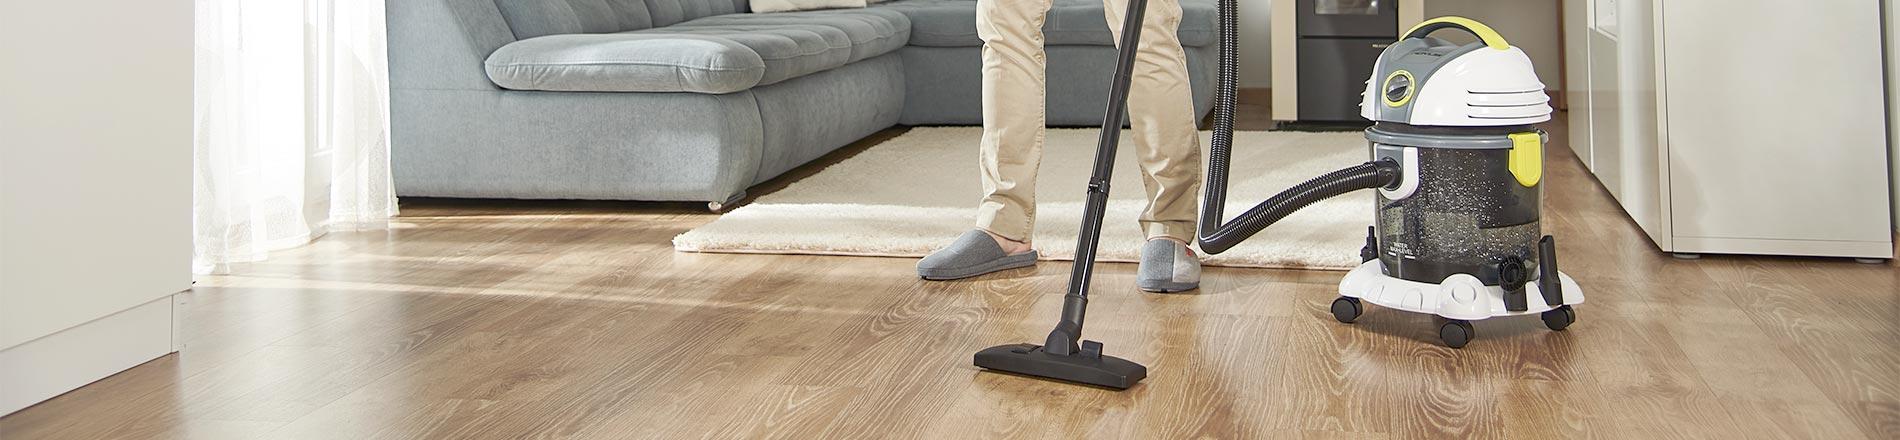 Čišćenje i održavanje doma